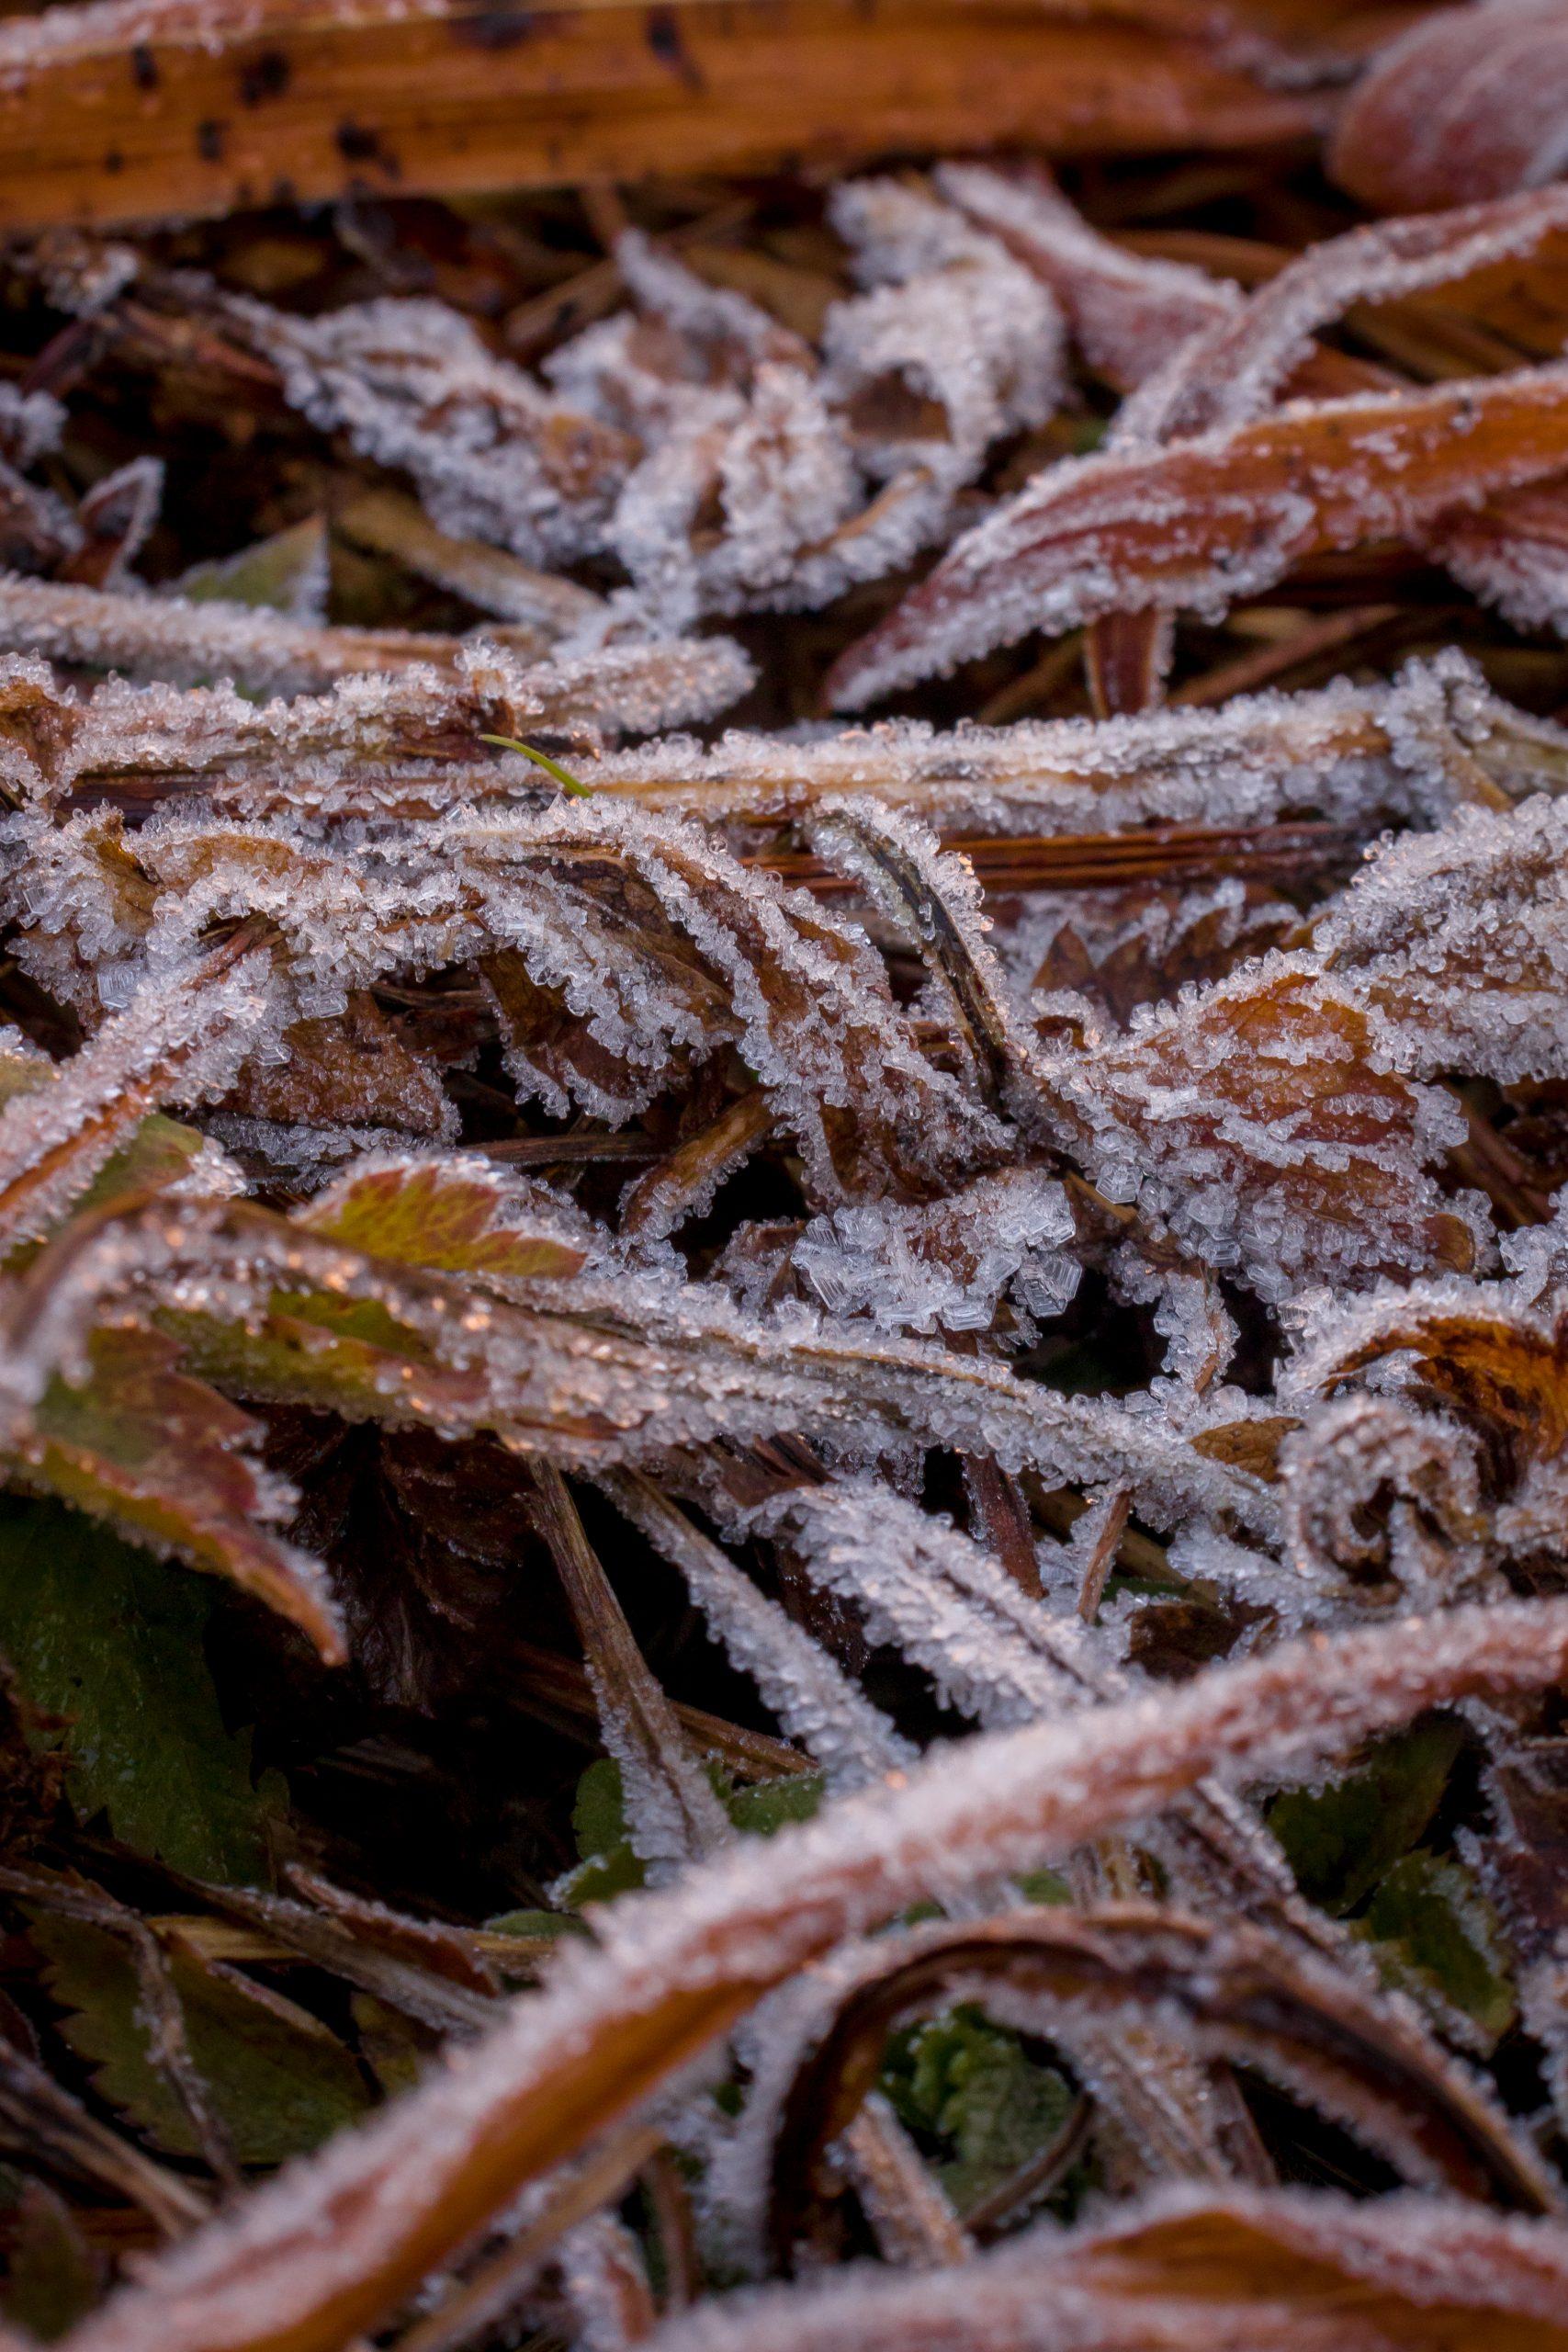 Frozen plant stem